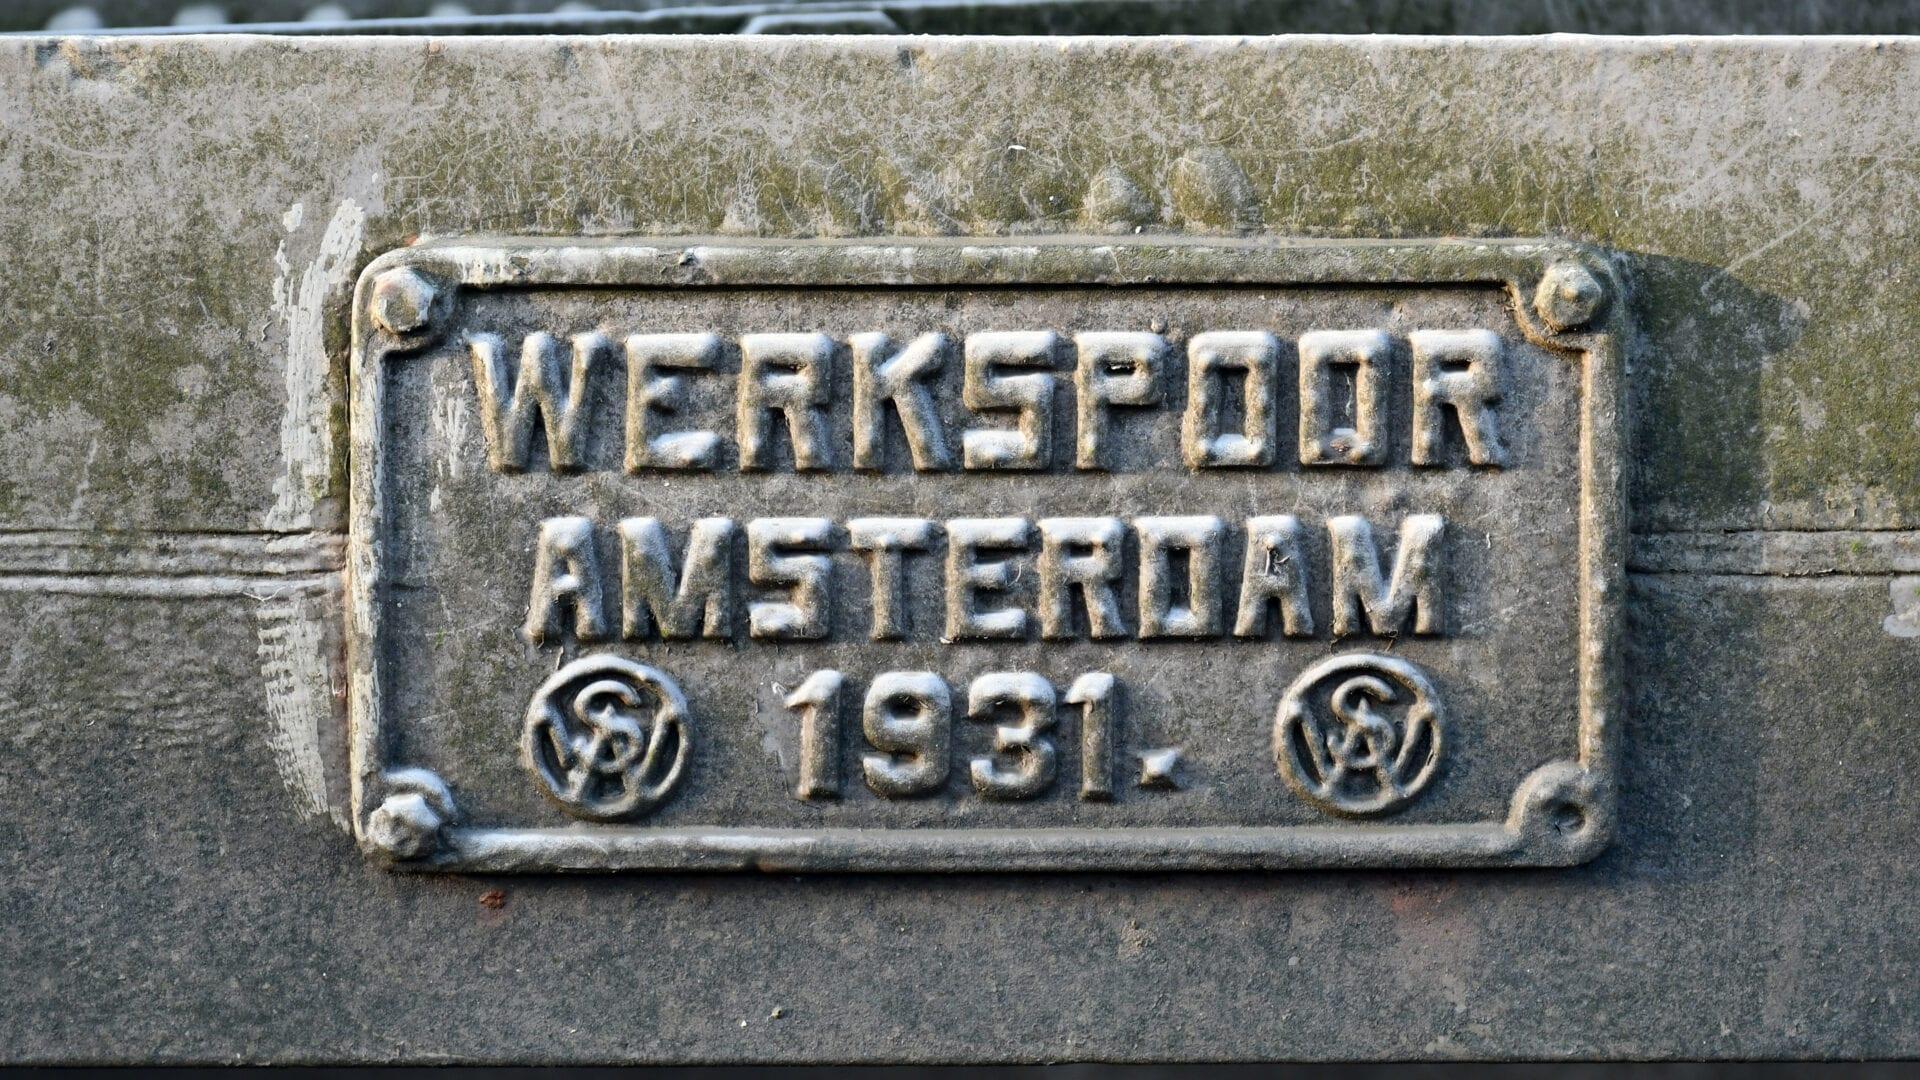 Op de foto staat een naamplaatje met vermelding. De vermelding luidt: werkspoor Amsterdam 1931.